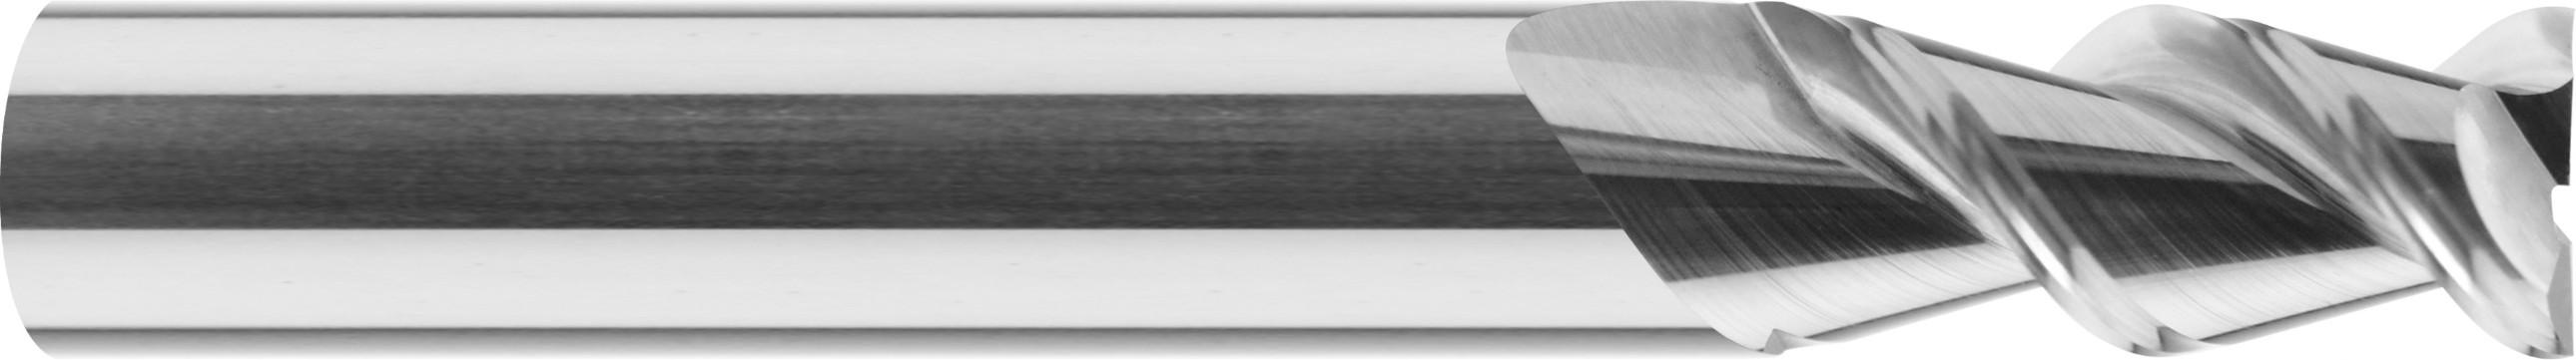 Frez, długi, Z-2, HA, HB, polerowany, ALUMINIUM, TWORZYWA, VHM bez pokrycia (608)